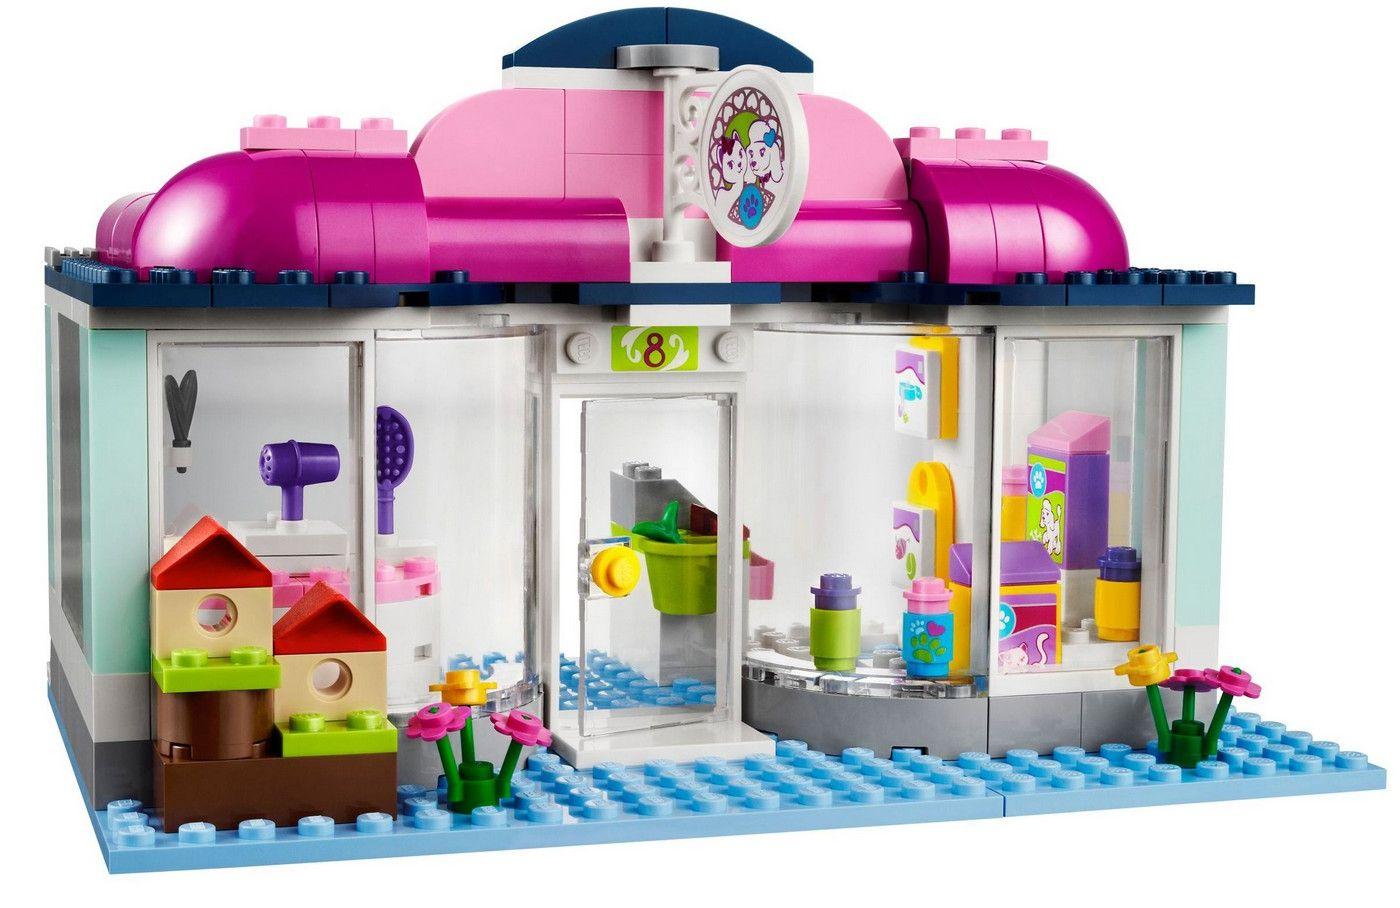 Lego Friends Food Ideas